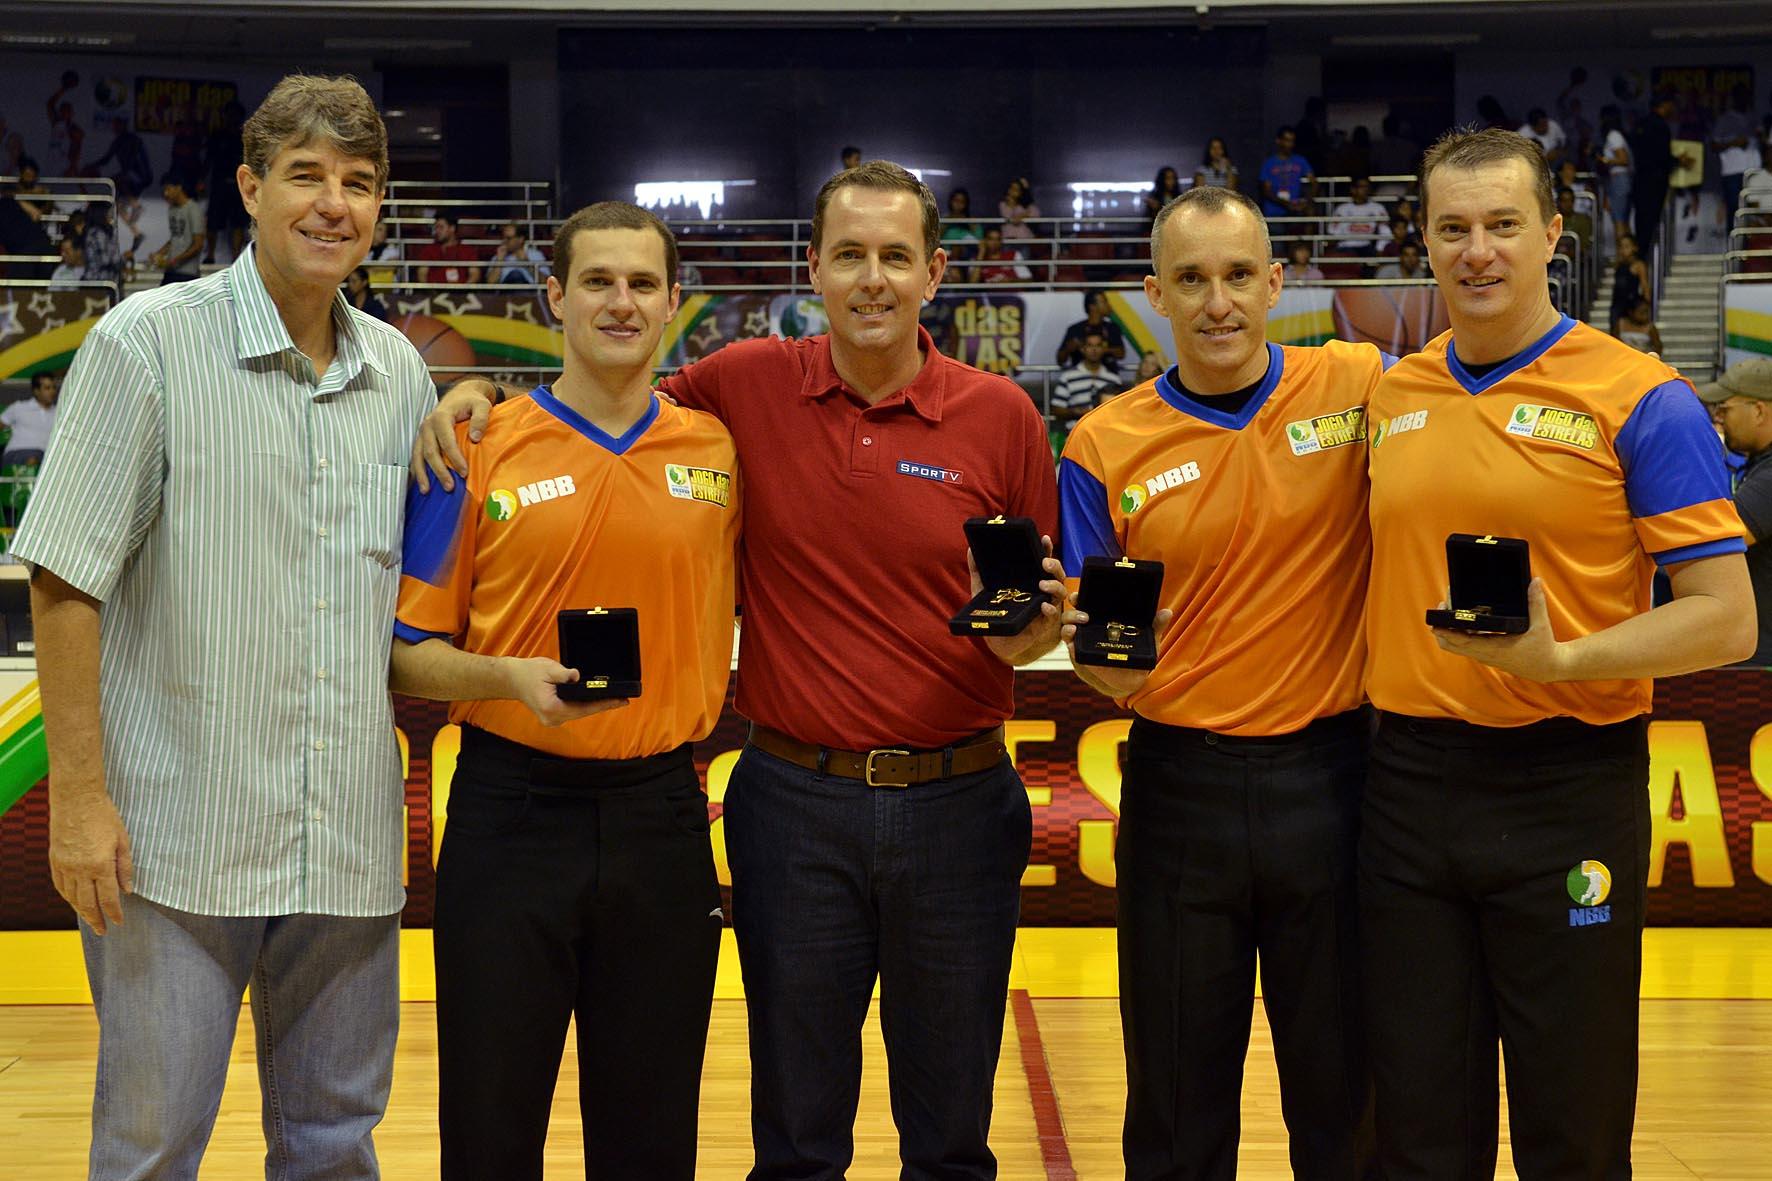 Cássio Roque, presidente da LNB, e os árbitros Diego Chiconato, Marcos Benito e Cristiano Maranho, e o ex-áribitro Renatinho